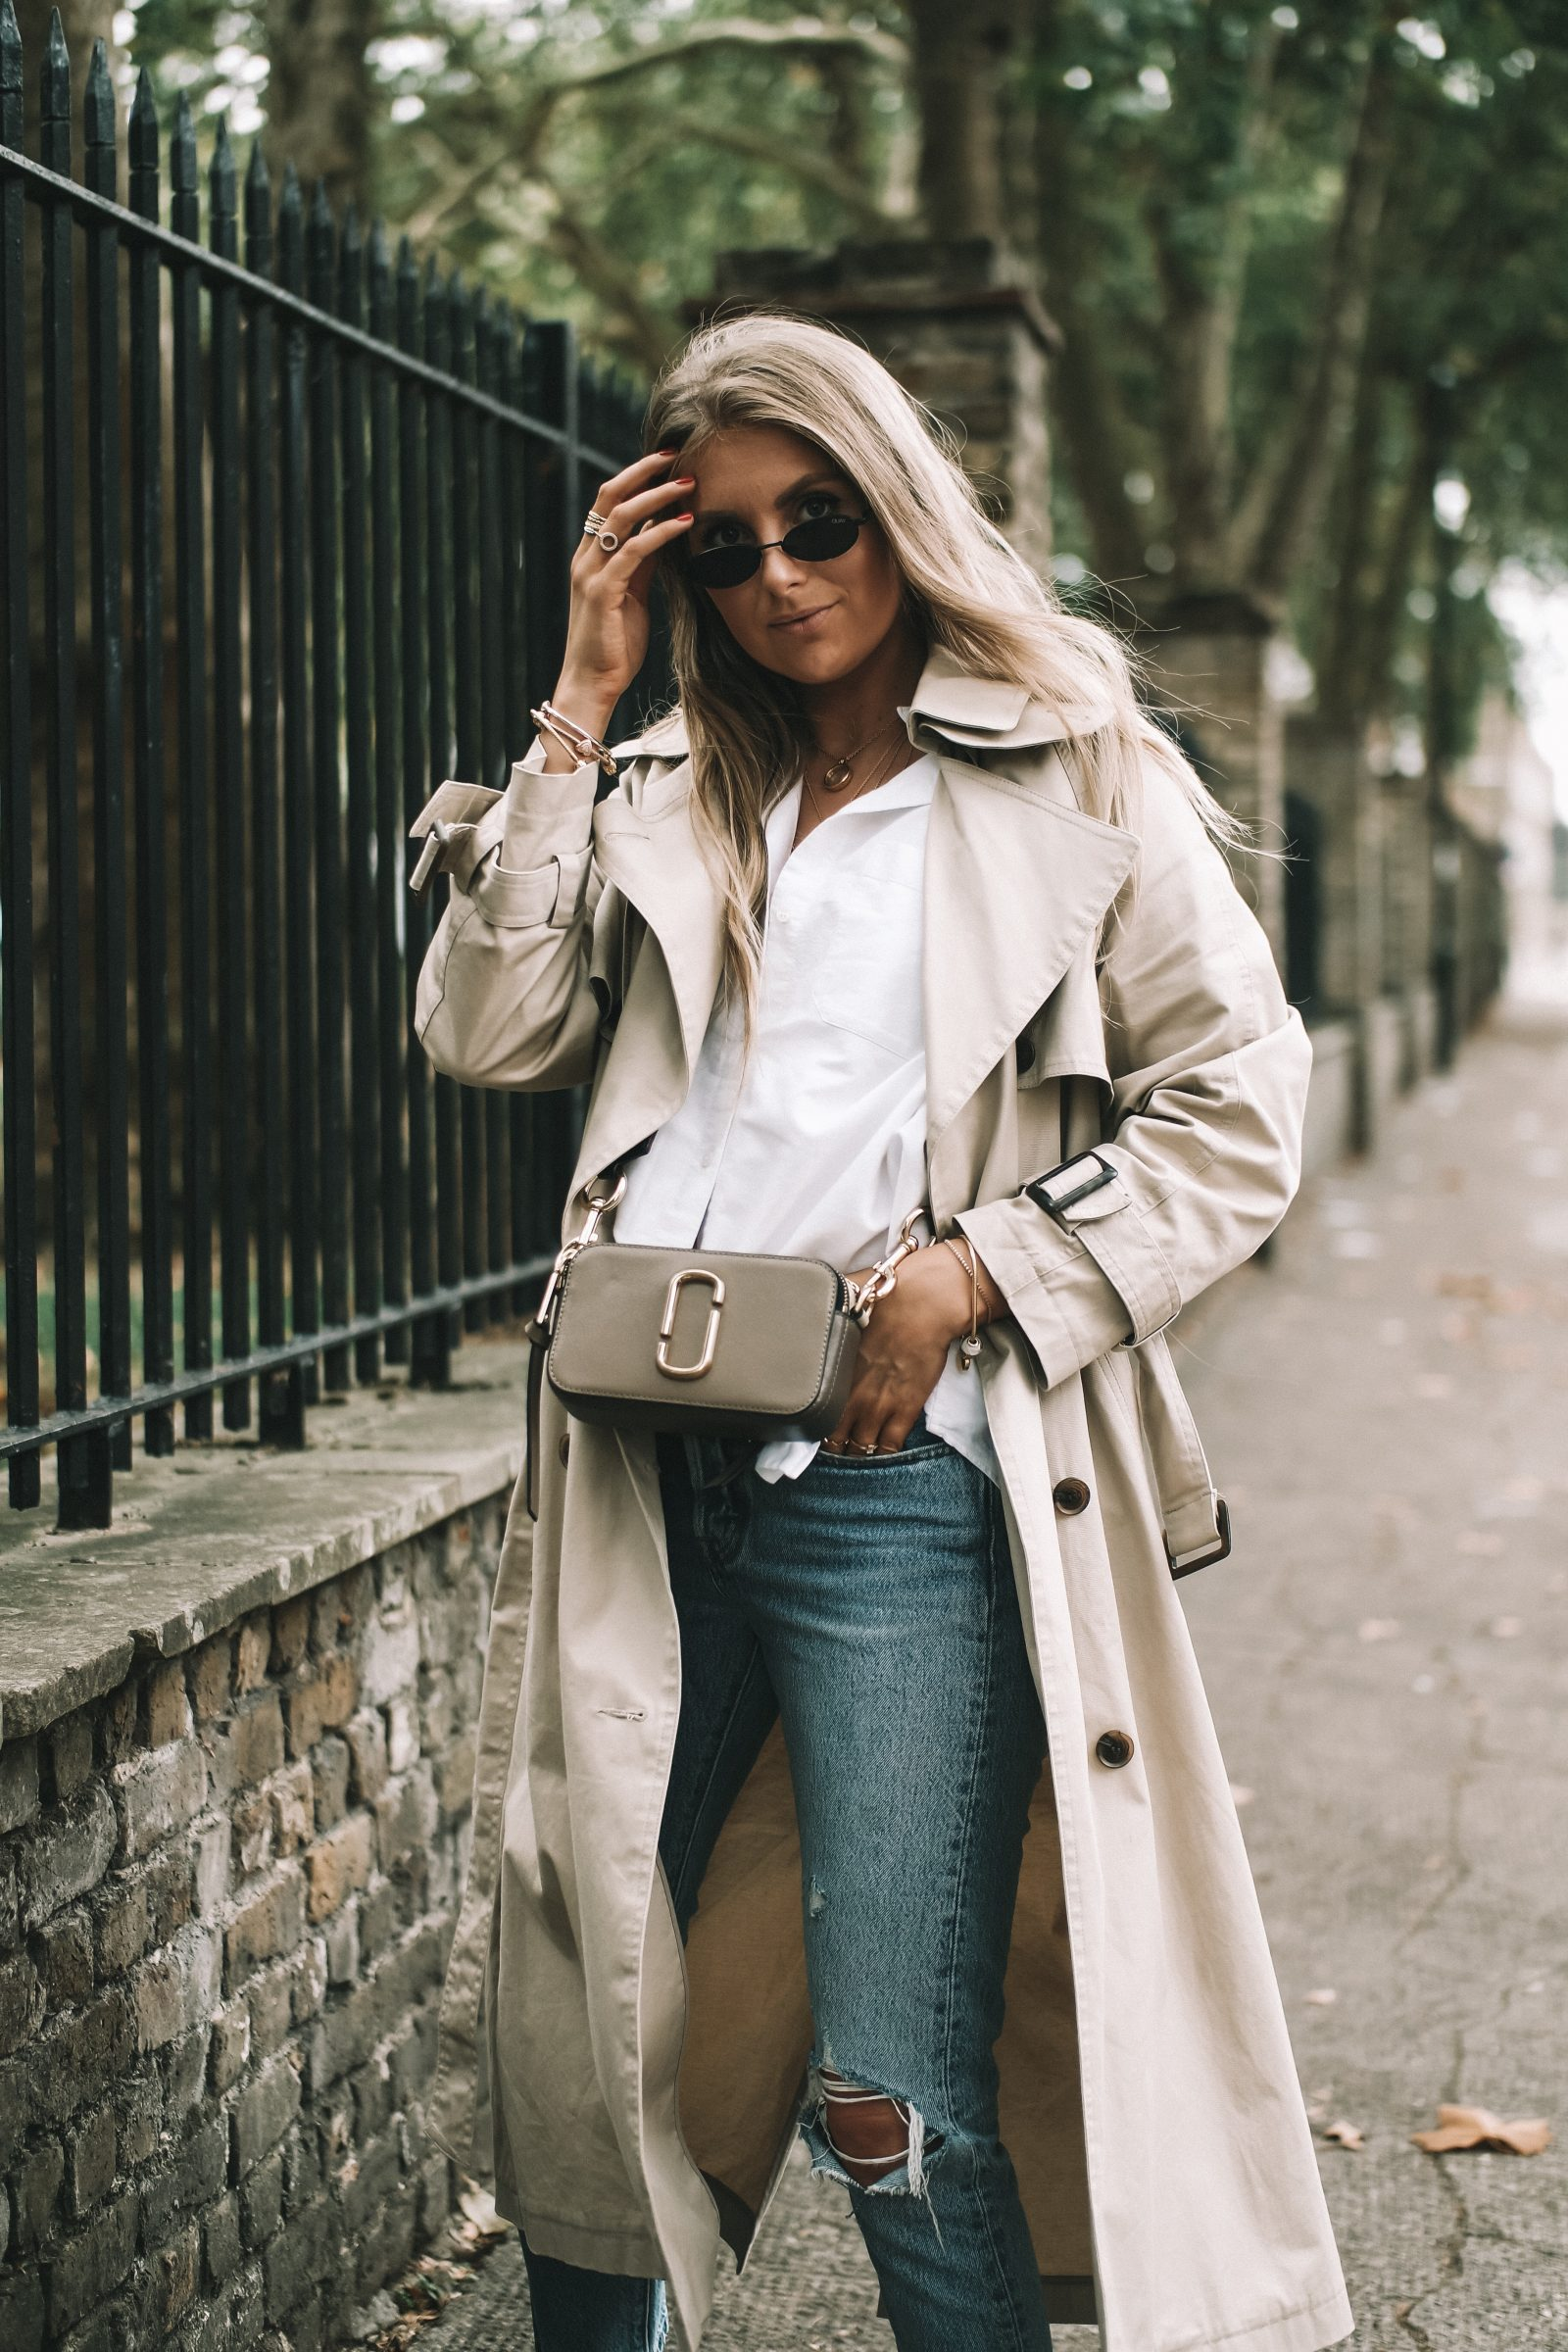 LFW Street Style - Autumn 2018